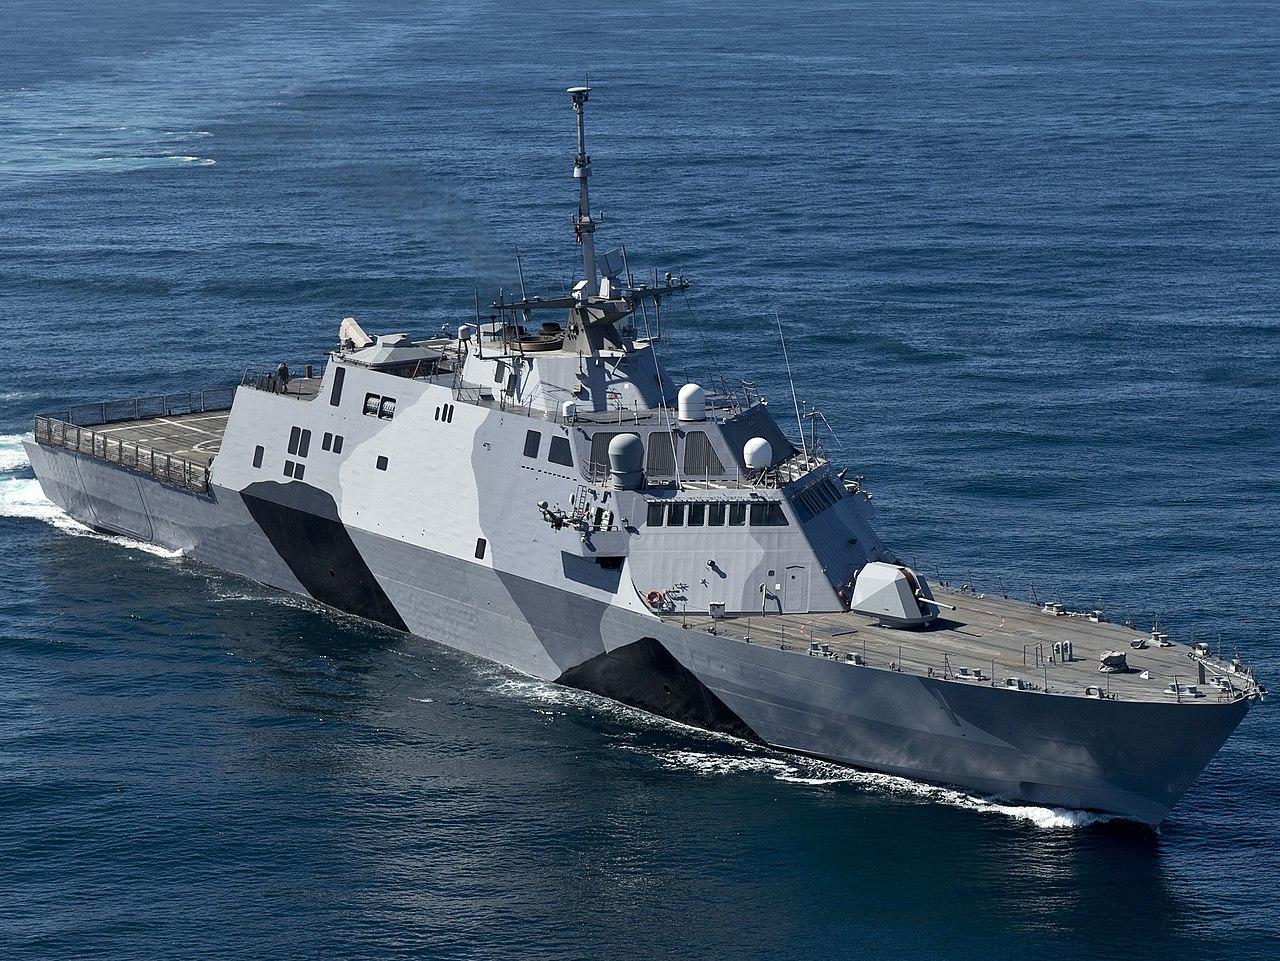 USS-Freedom-130222-N-DR144-174-crop.jpg